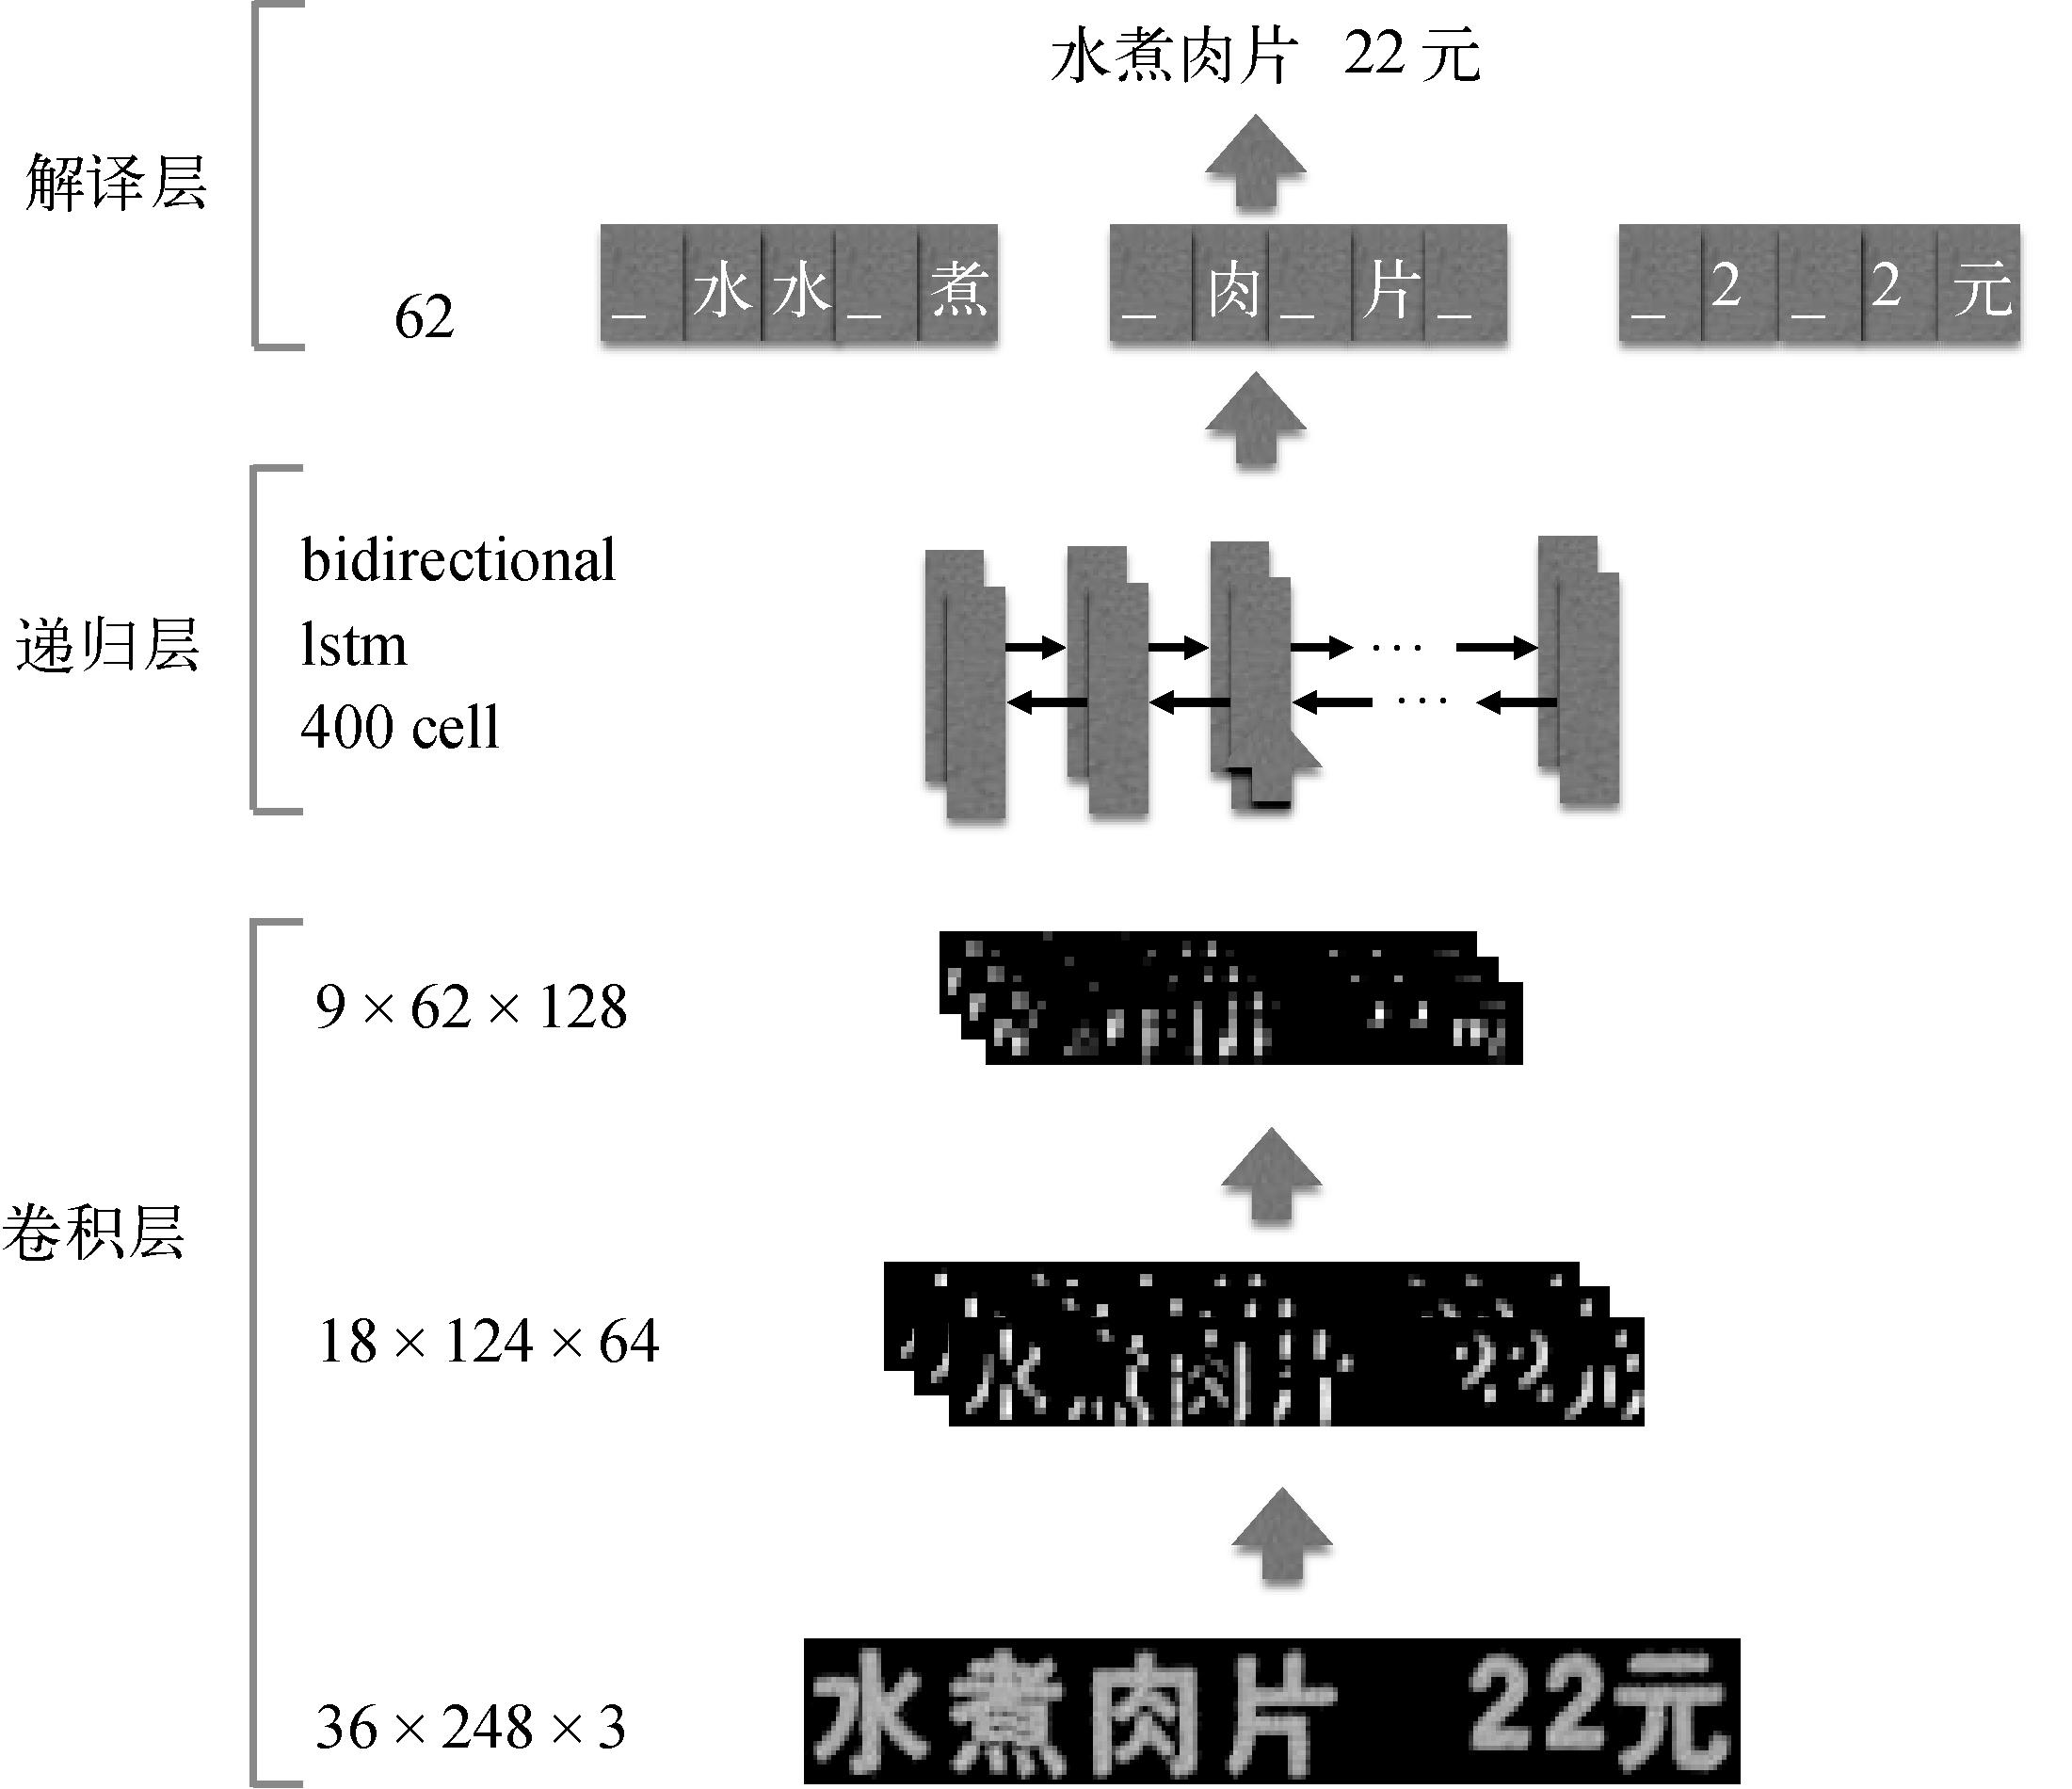 图15 基于序列学习的端到端识别框架